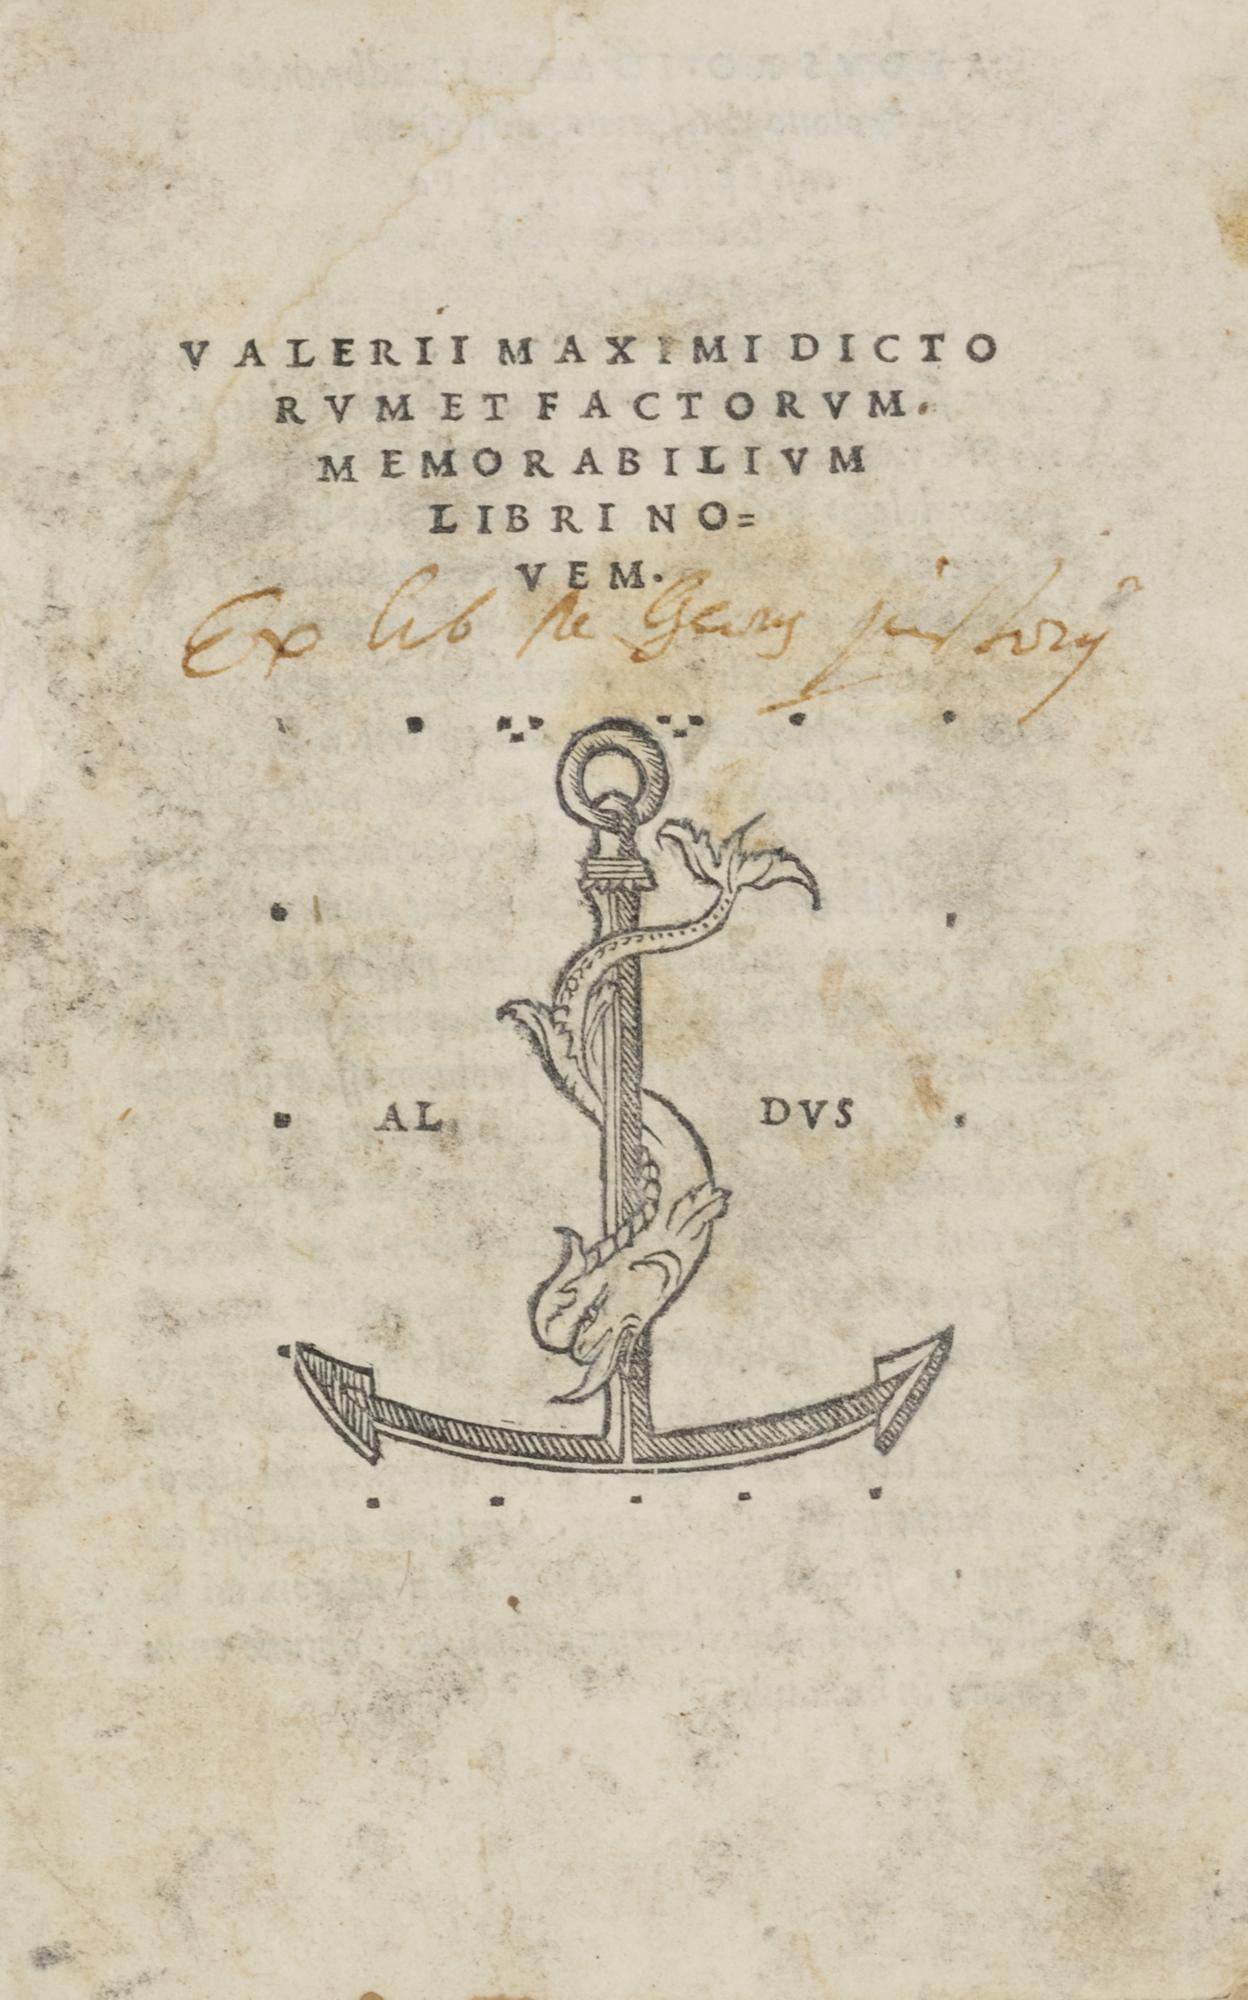 Dictorum et factorum memorabilium libri nouem